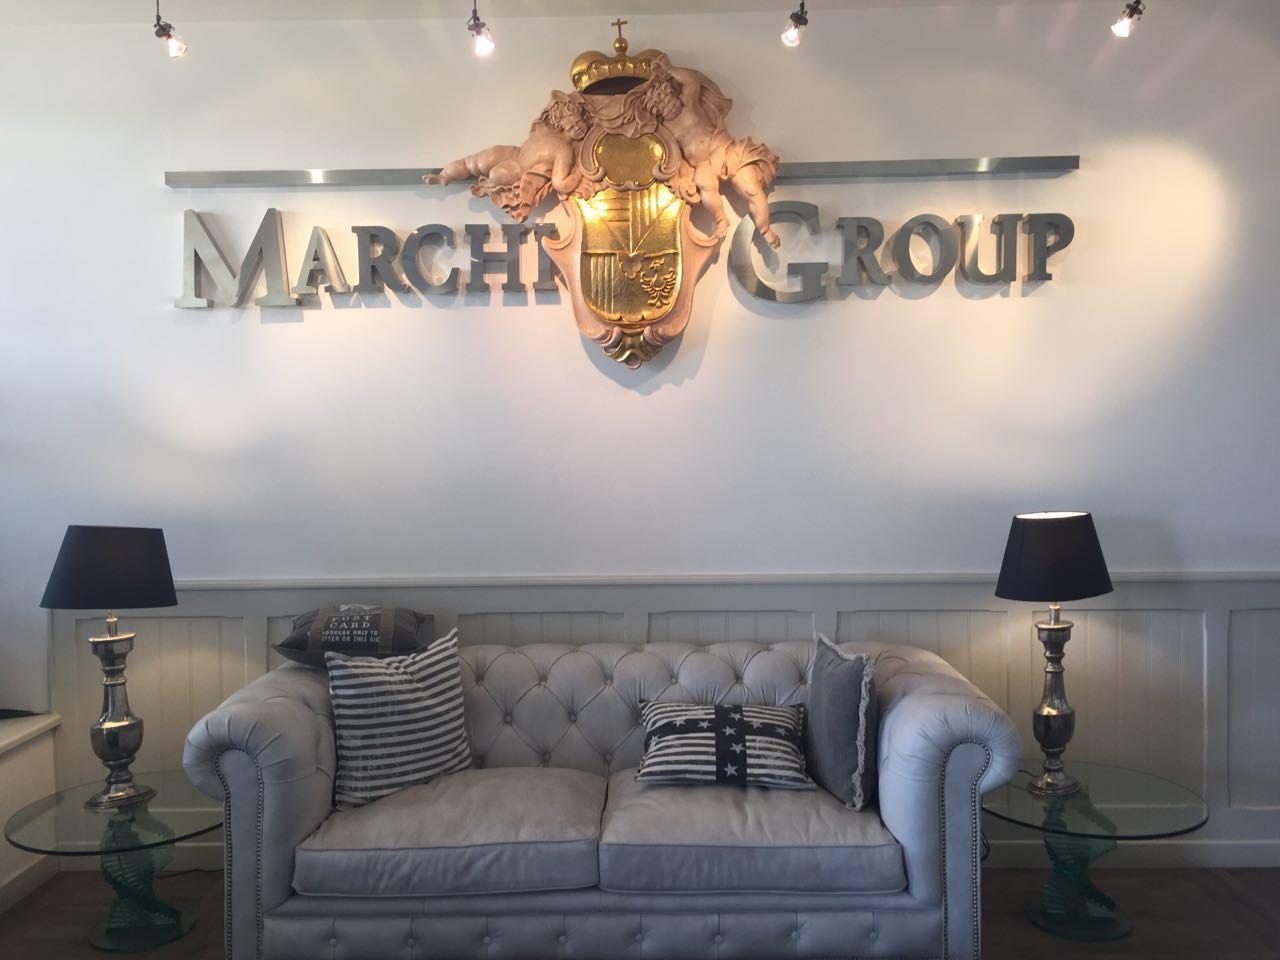 MARCHI CUCINE - визит в шоу рум итальянской фабрики #marchi_cucine